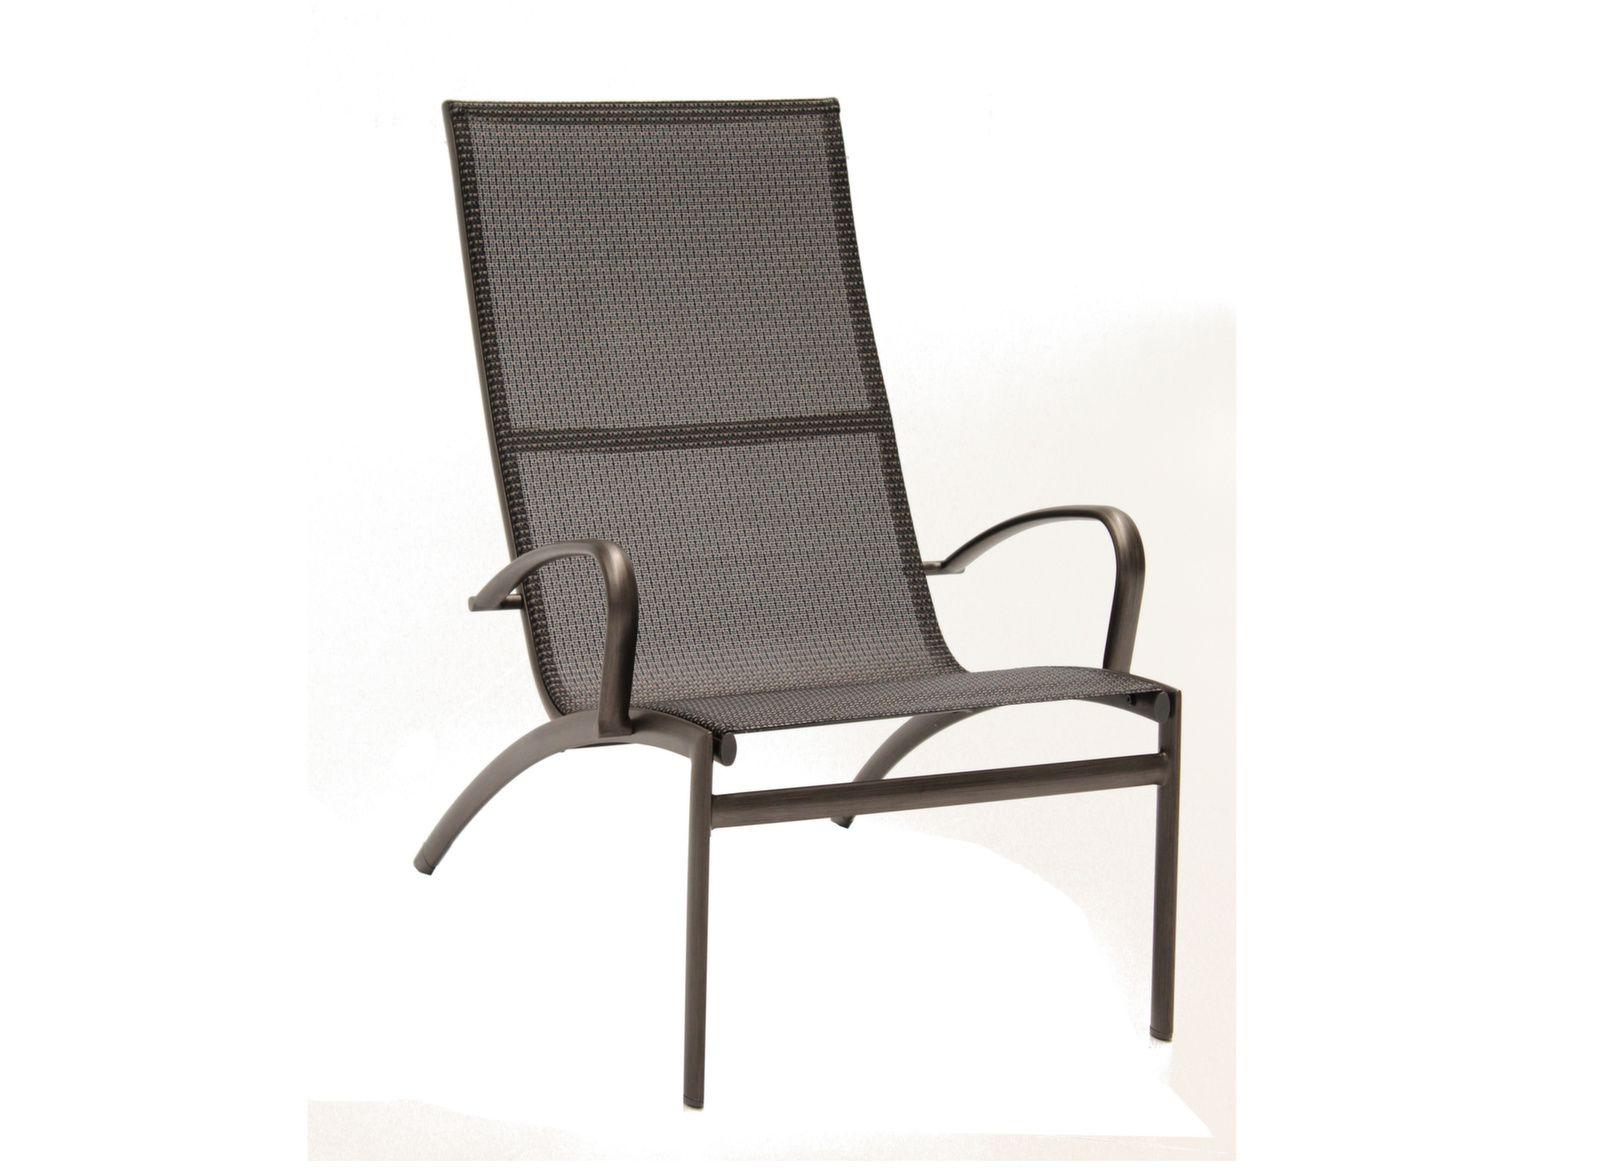 Fauteuil lounge Elégance - Mobilier d\'extérieur Proloisirs